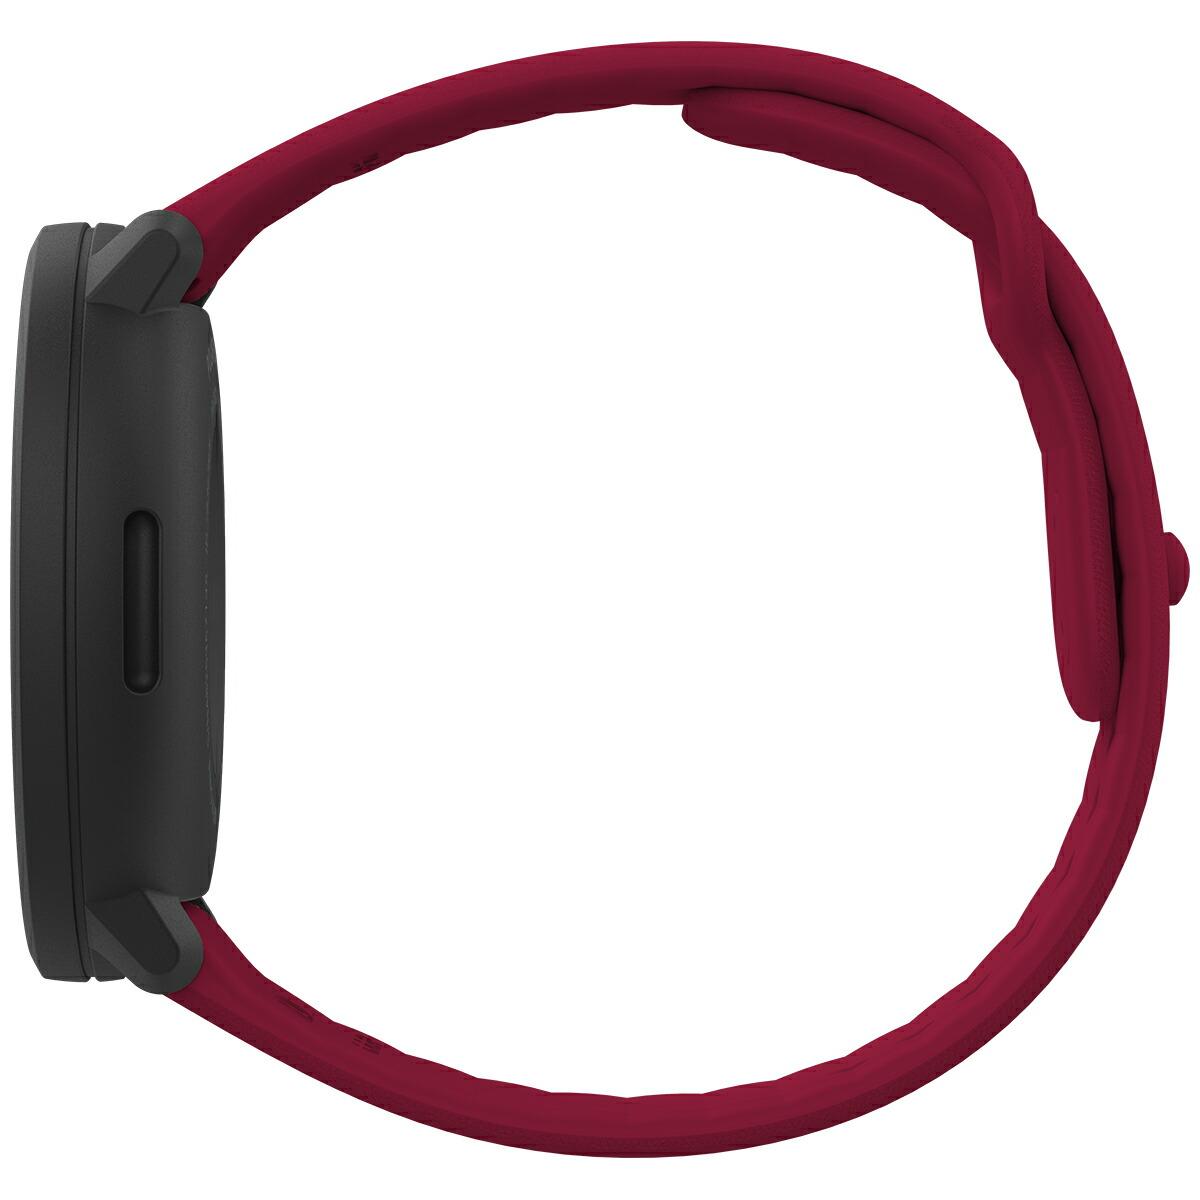 ポラール Polar ユナイト Unite GPS スマートウォッチ ウェアラブル 腕時計 心拍 睡眠 フィットネス レッド S-L 900100641 日本正規品